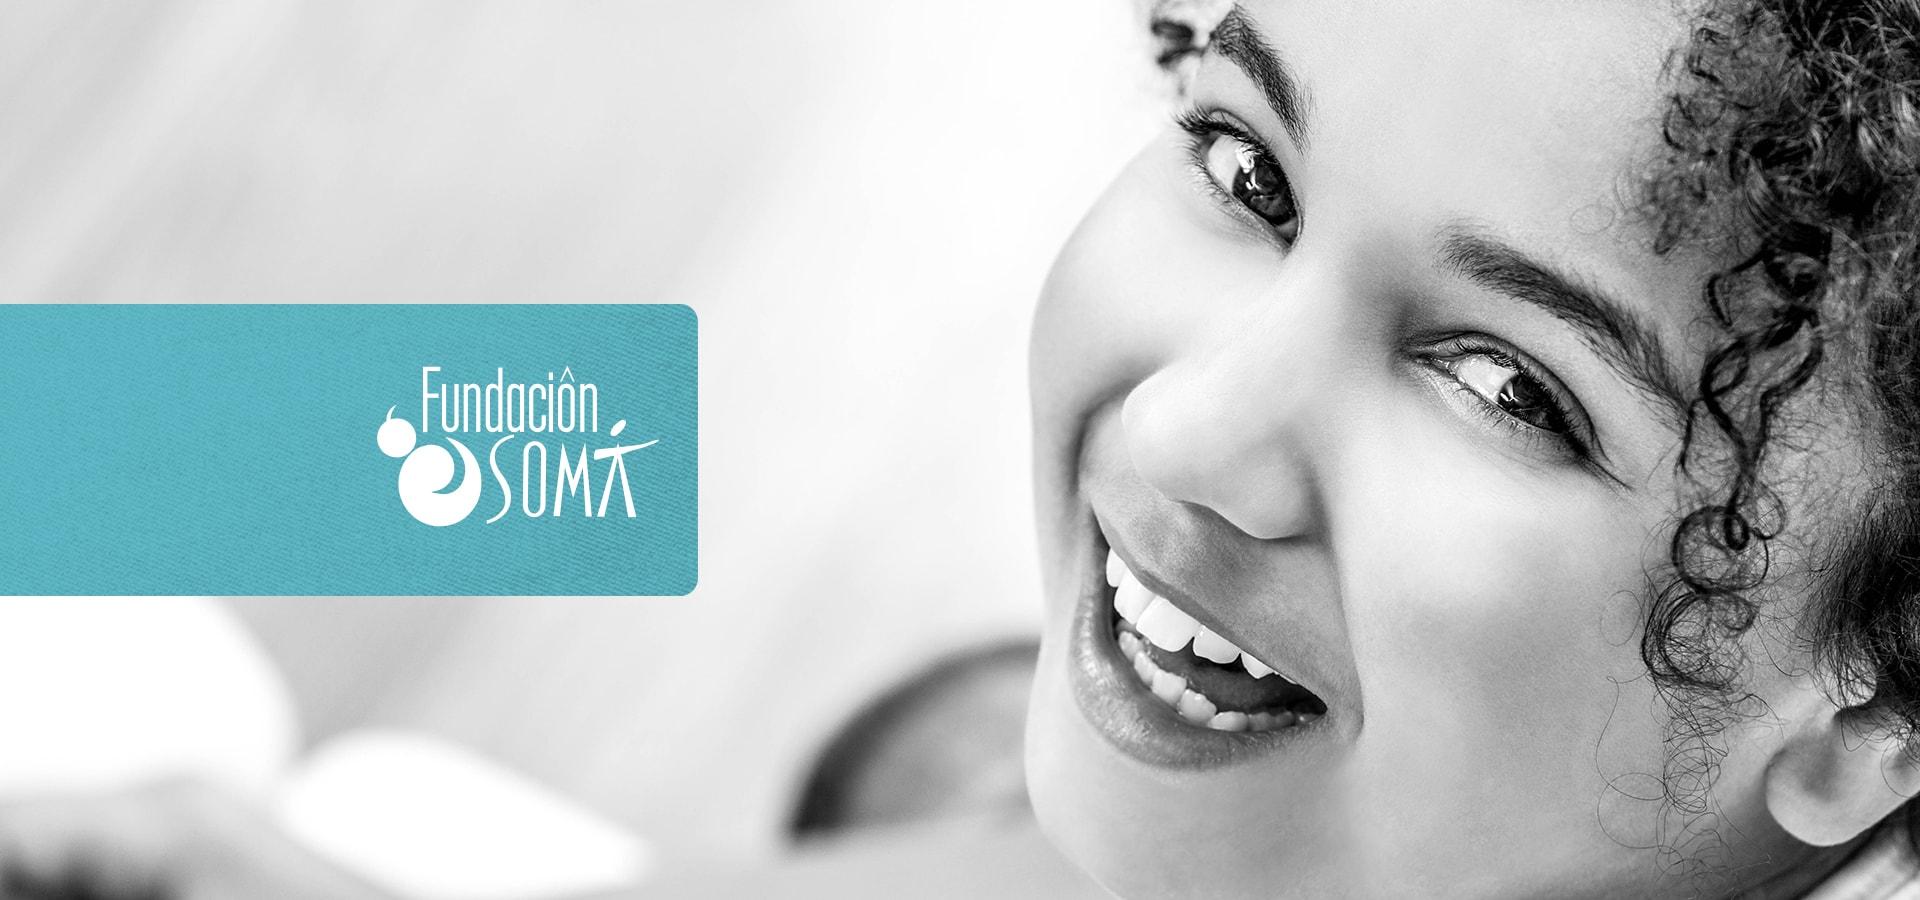 Fundación Soma